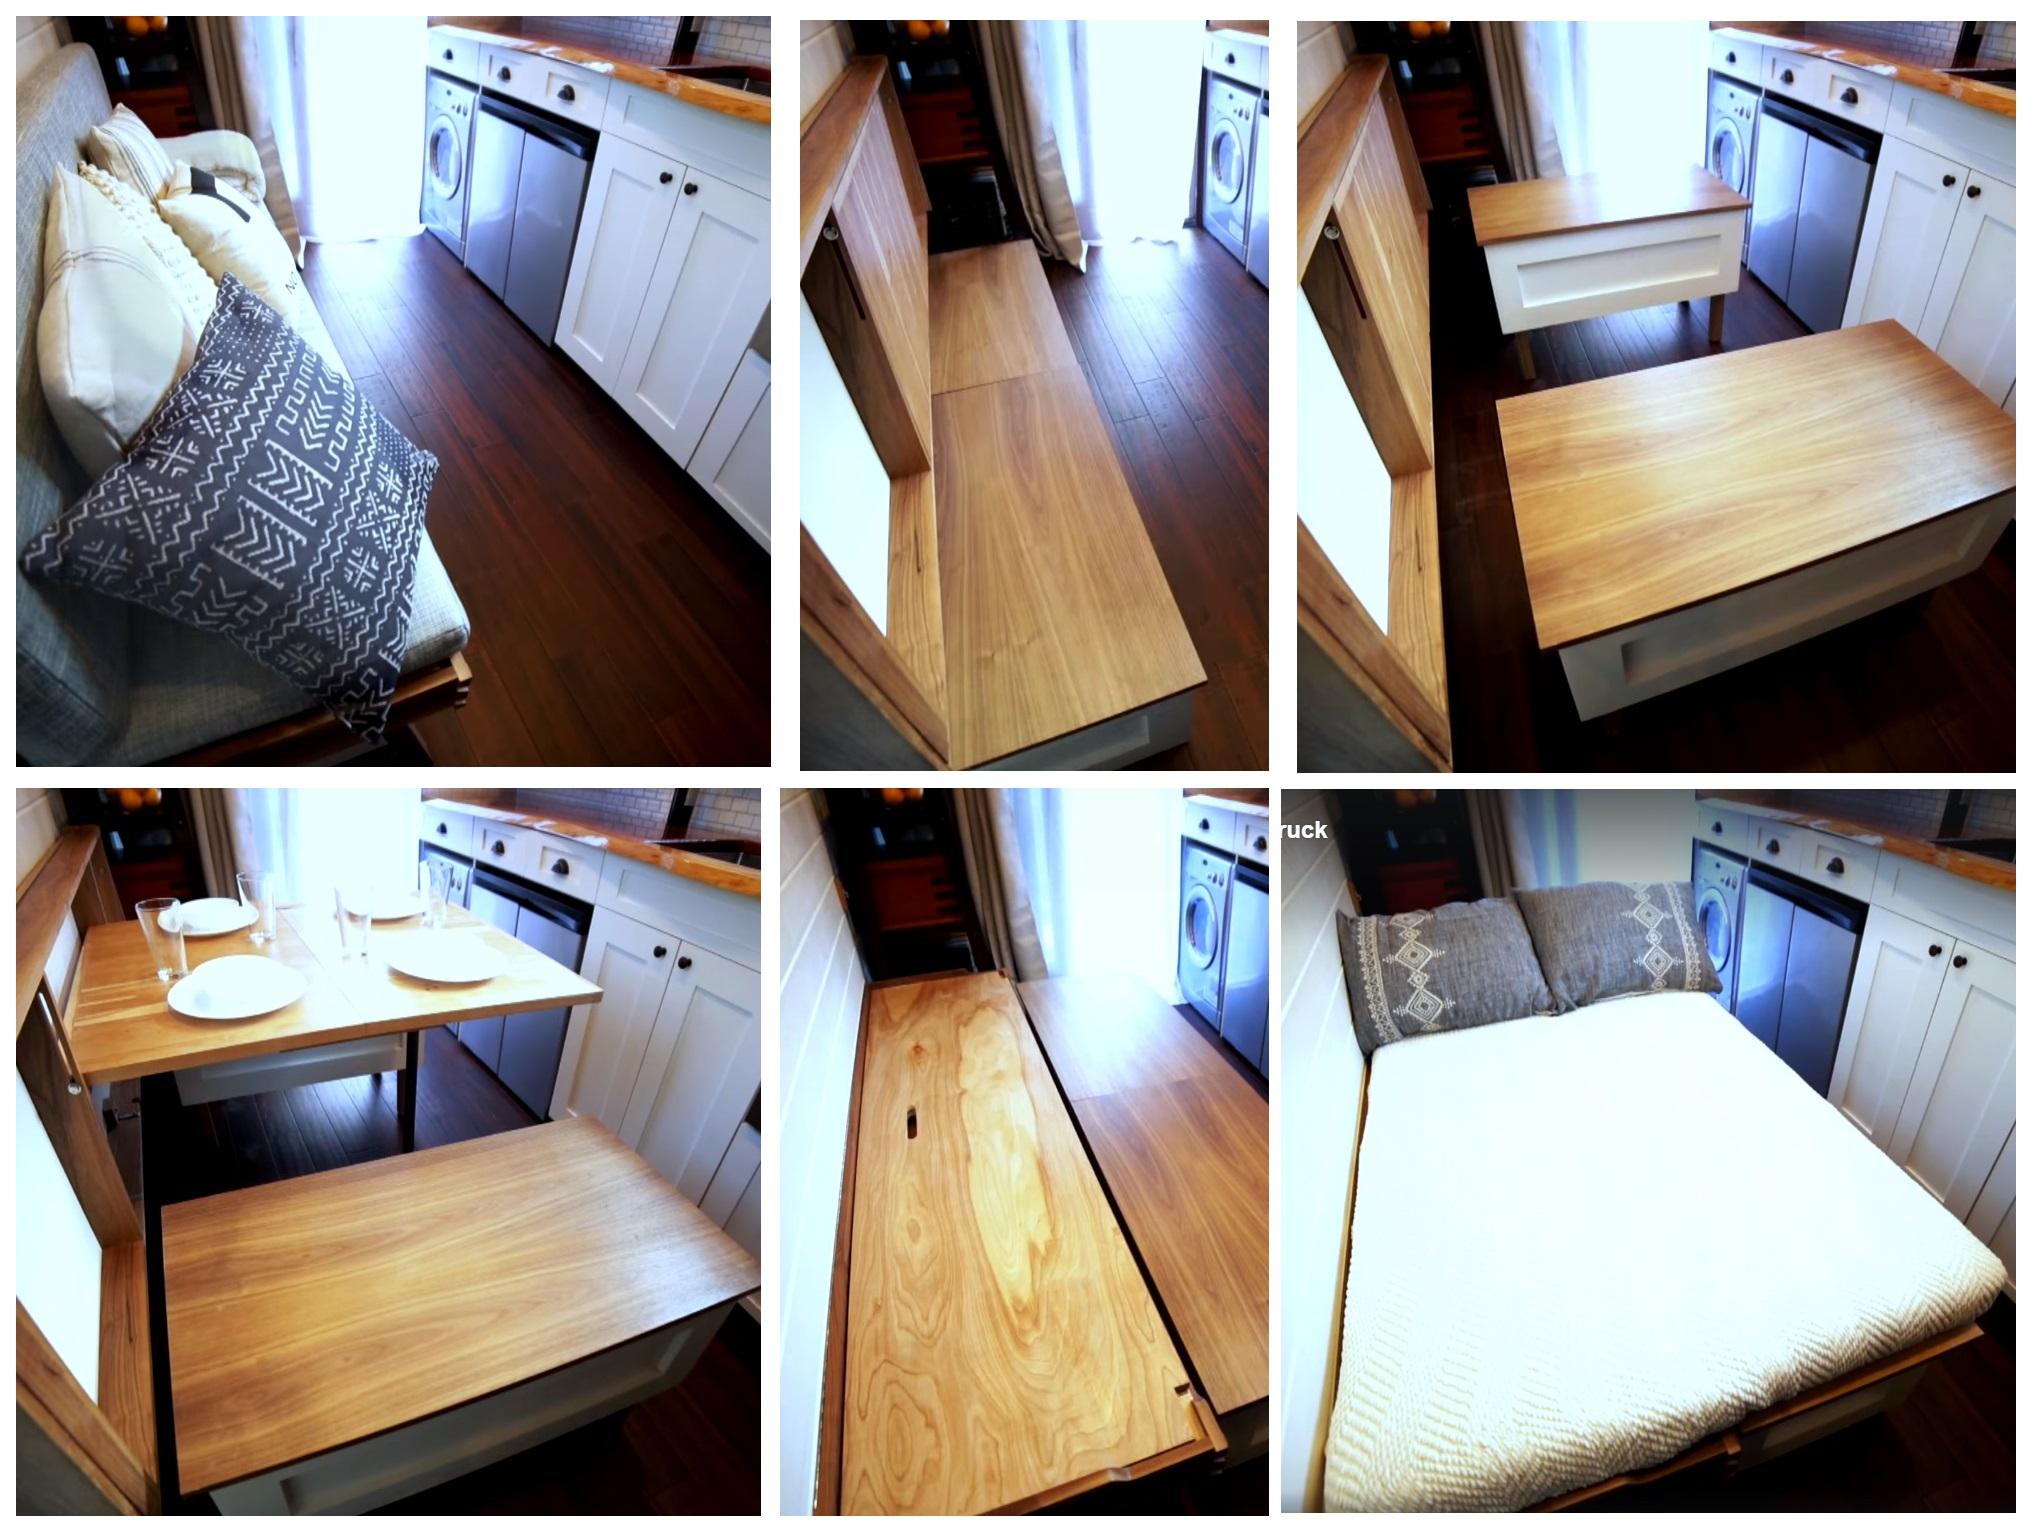 Диван легко превращается в обеденный стол со скамьями и также легко превращается в двухспальную кровать